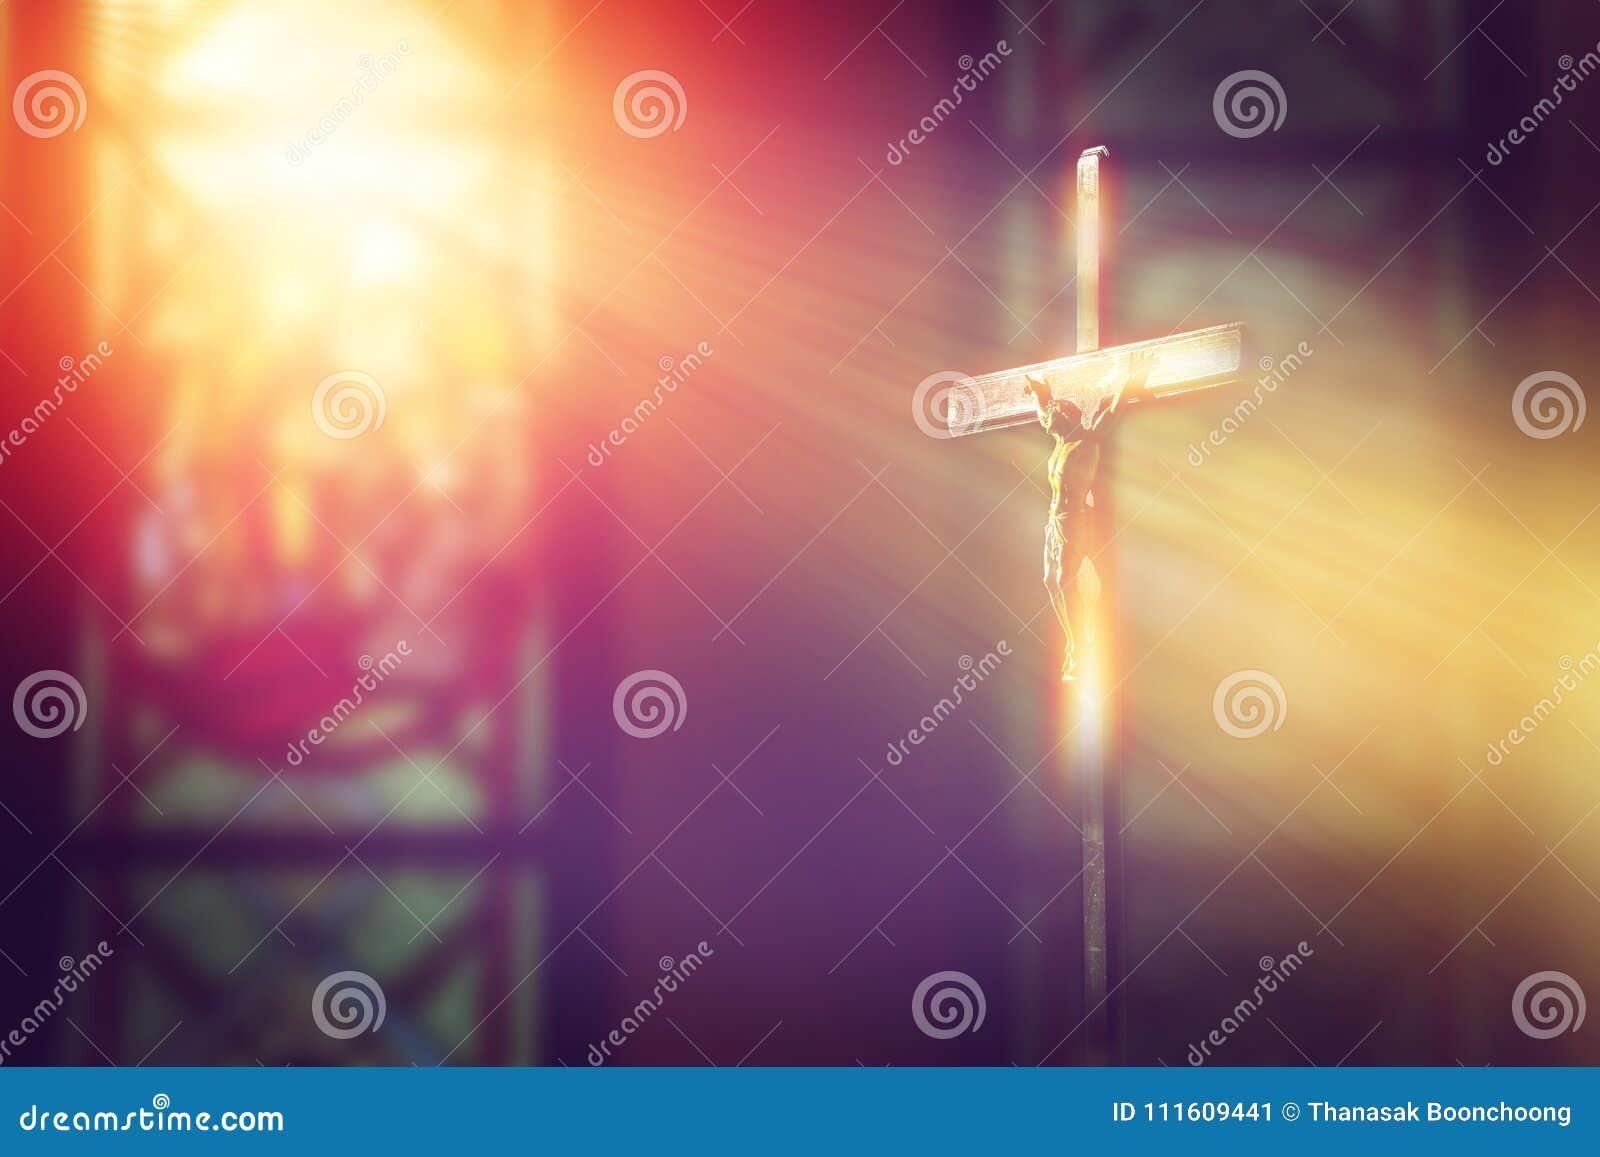 Crucifix, Ιησούς στο σταυρό στην εκκλησία με την ακτίνα του φωτός